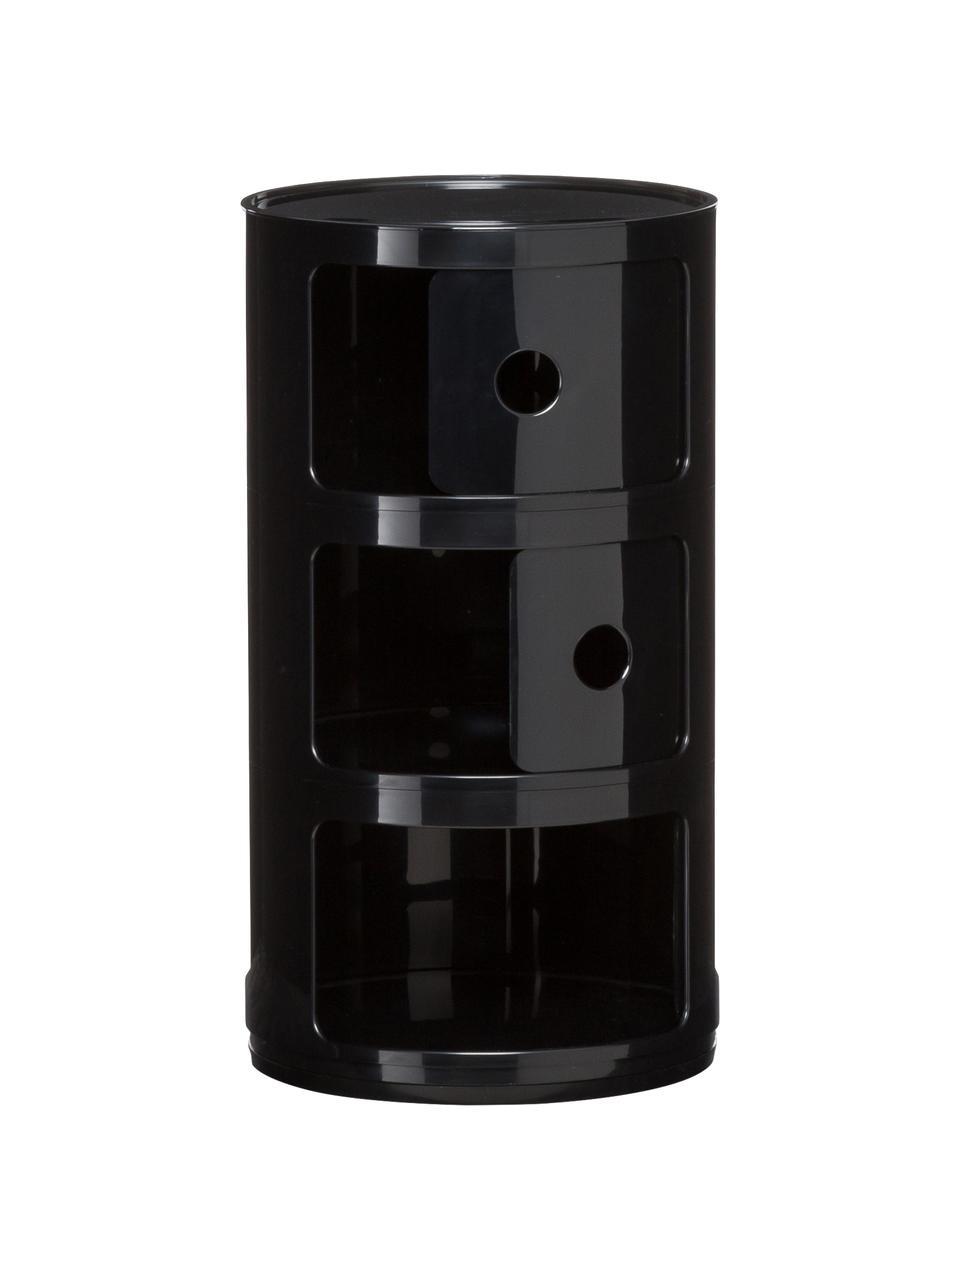 Comodino di design con cassetti Componibile, Materiale sintetico, Nero, lucido, Ø 32 x Alt. 59 cm